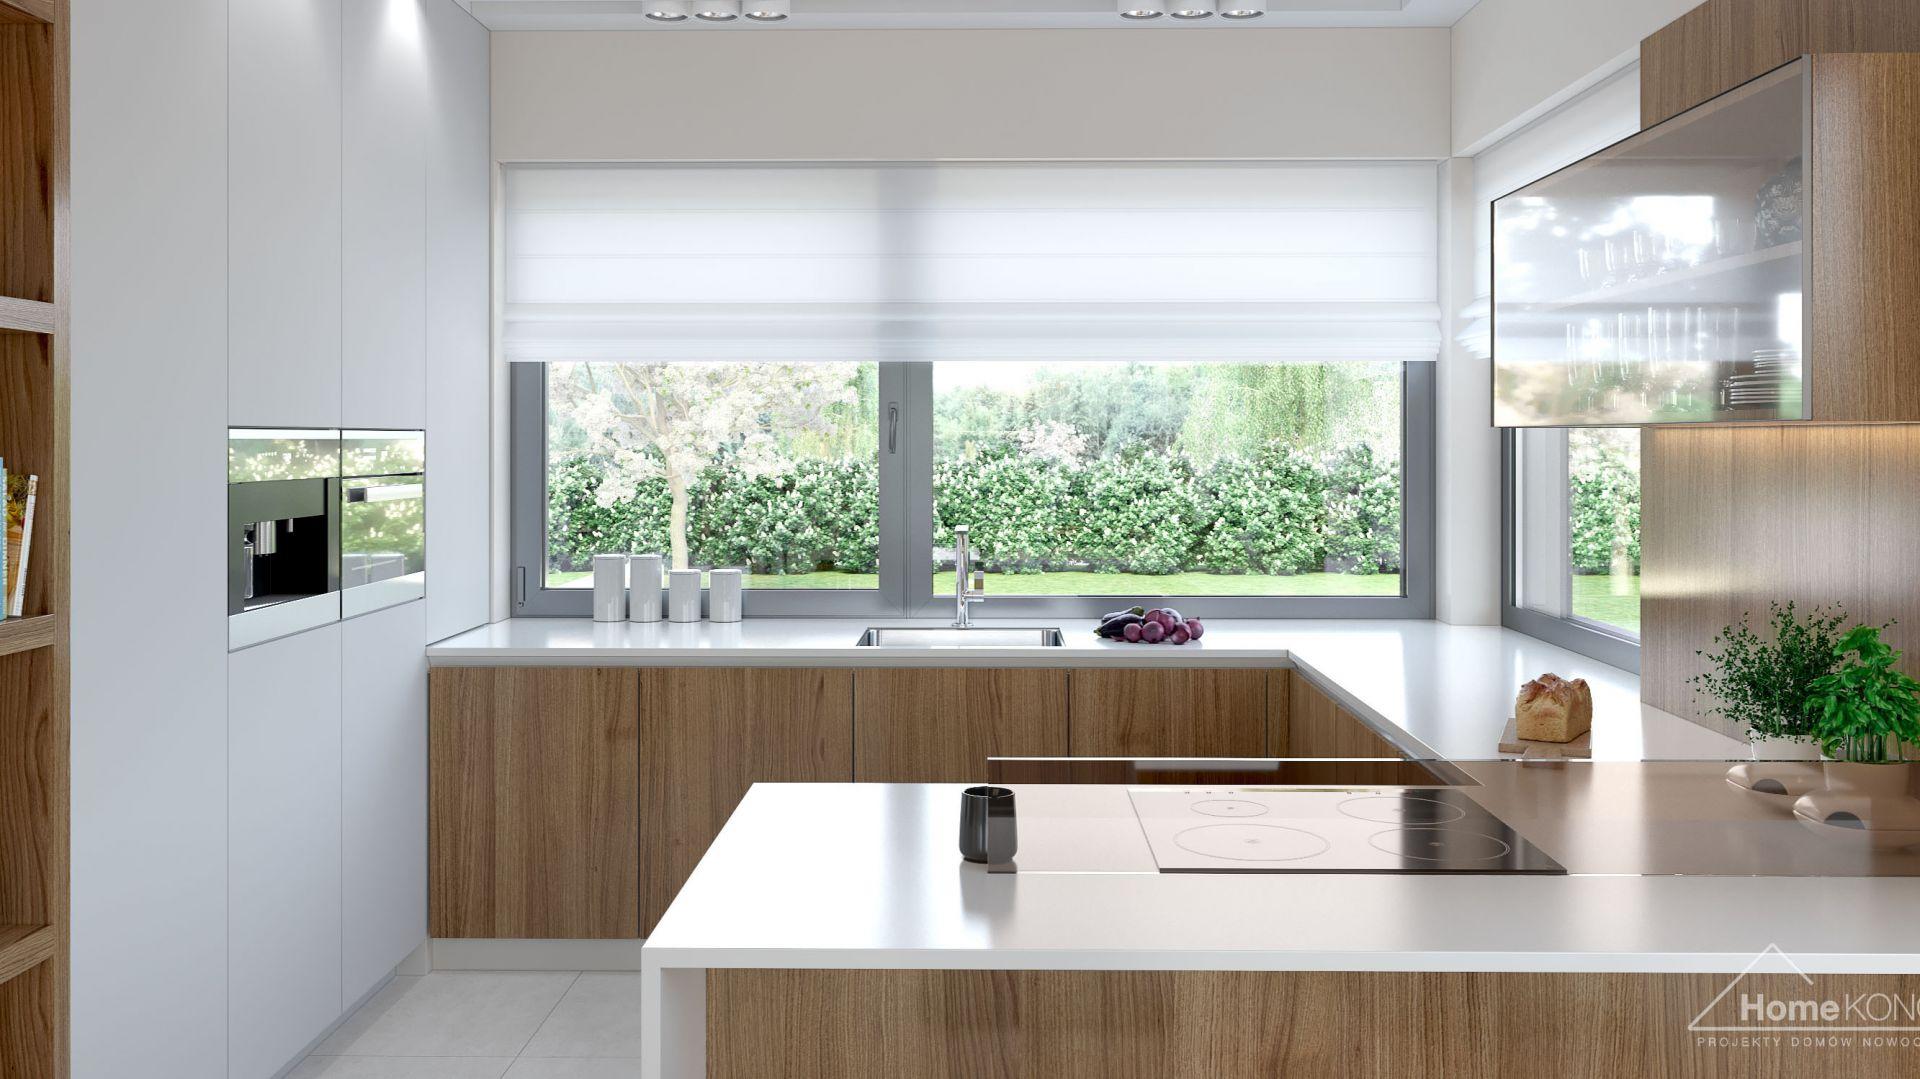 W kuchni nie brakuje dużych okien, które wpuszczają do wnętrza dużo naturalnego światła. Fot. HomeKONCEPT